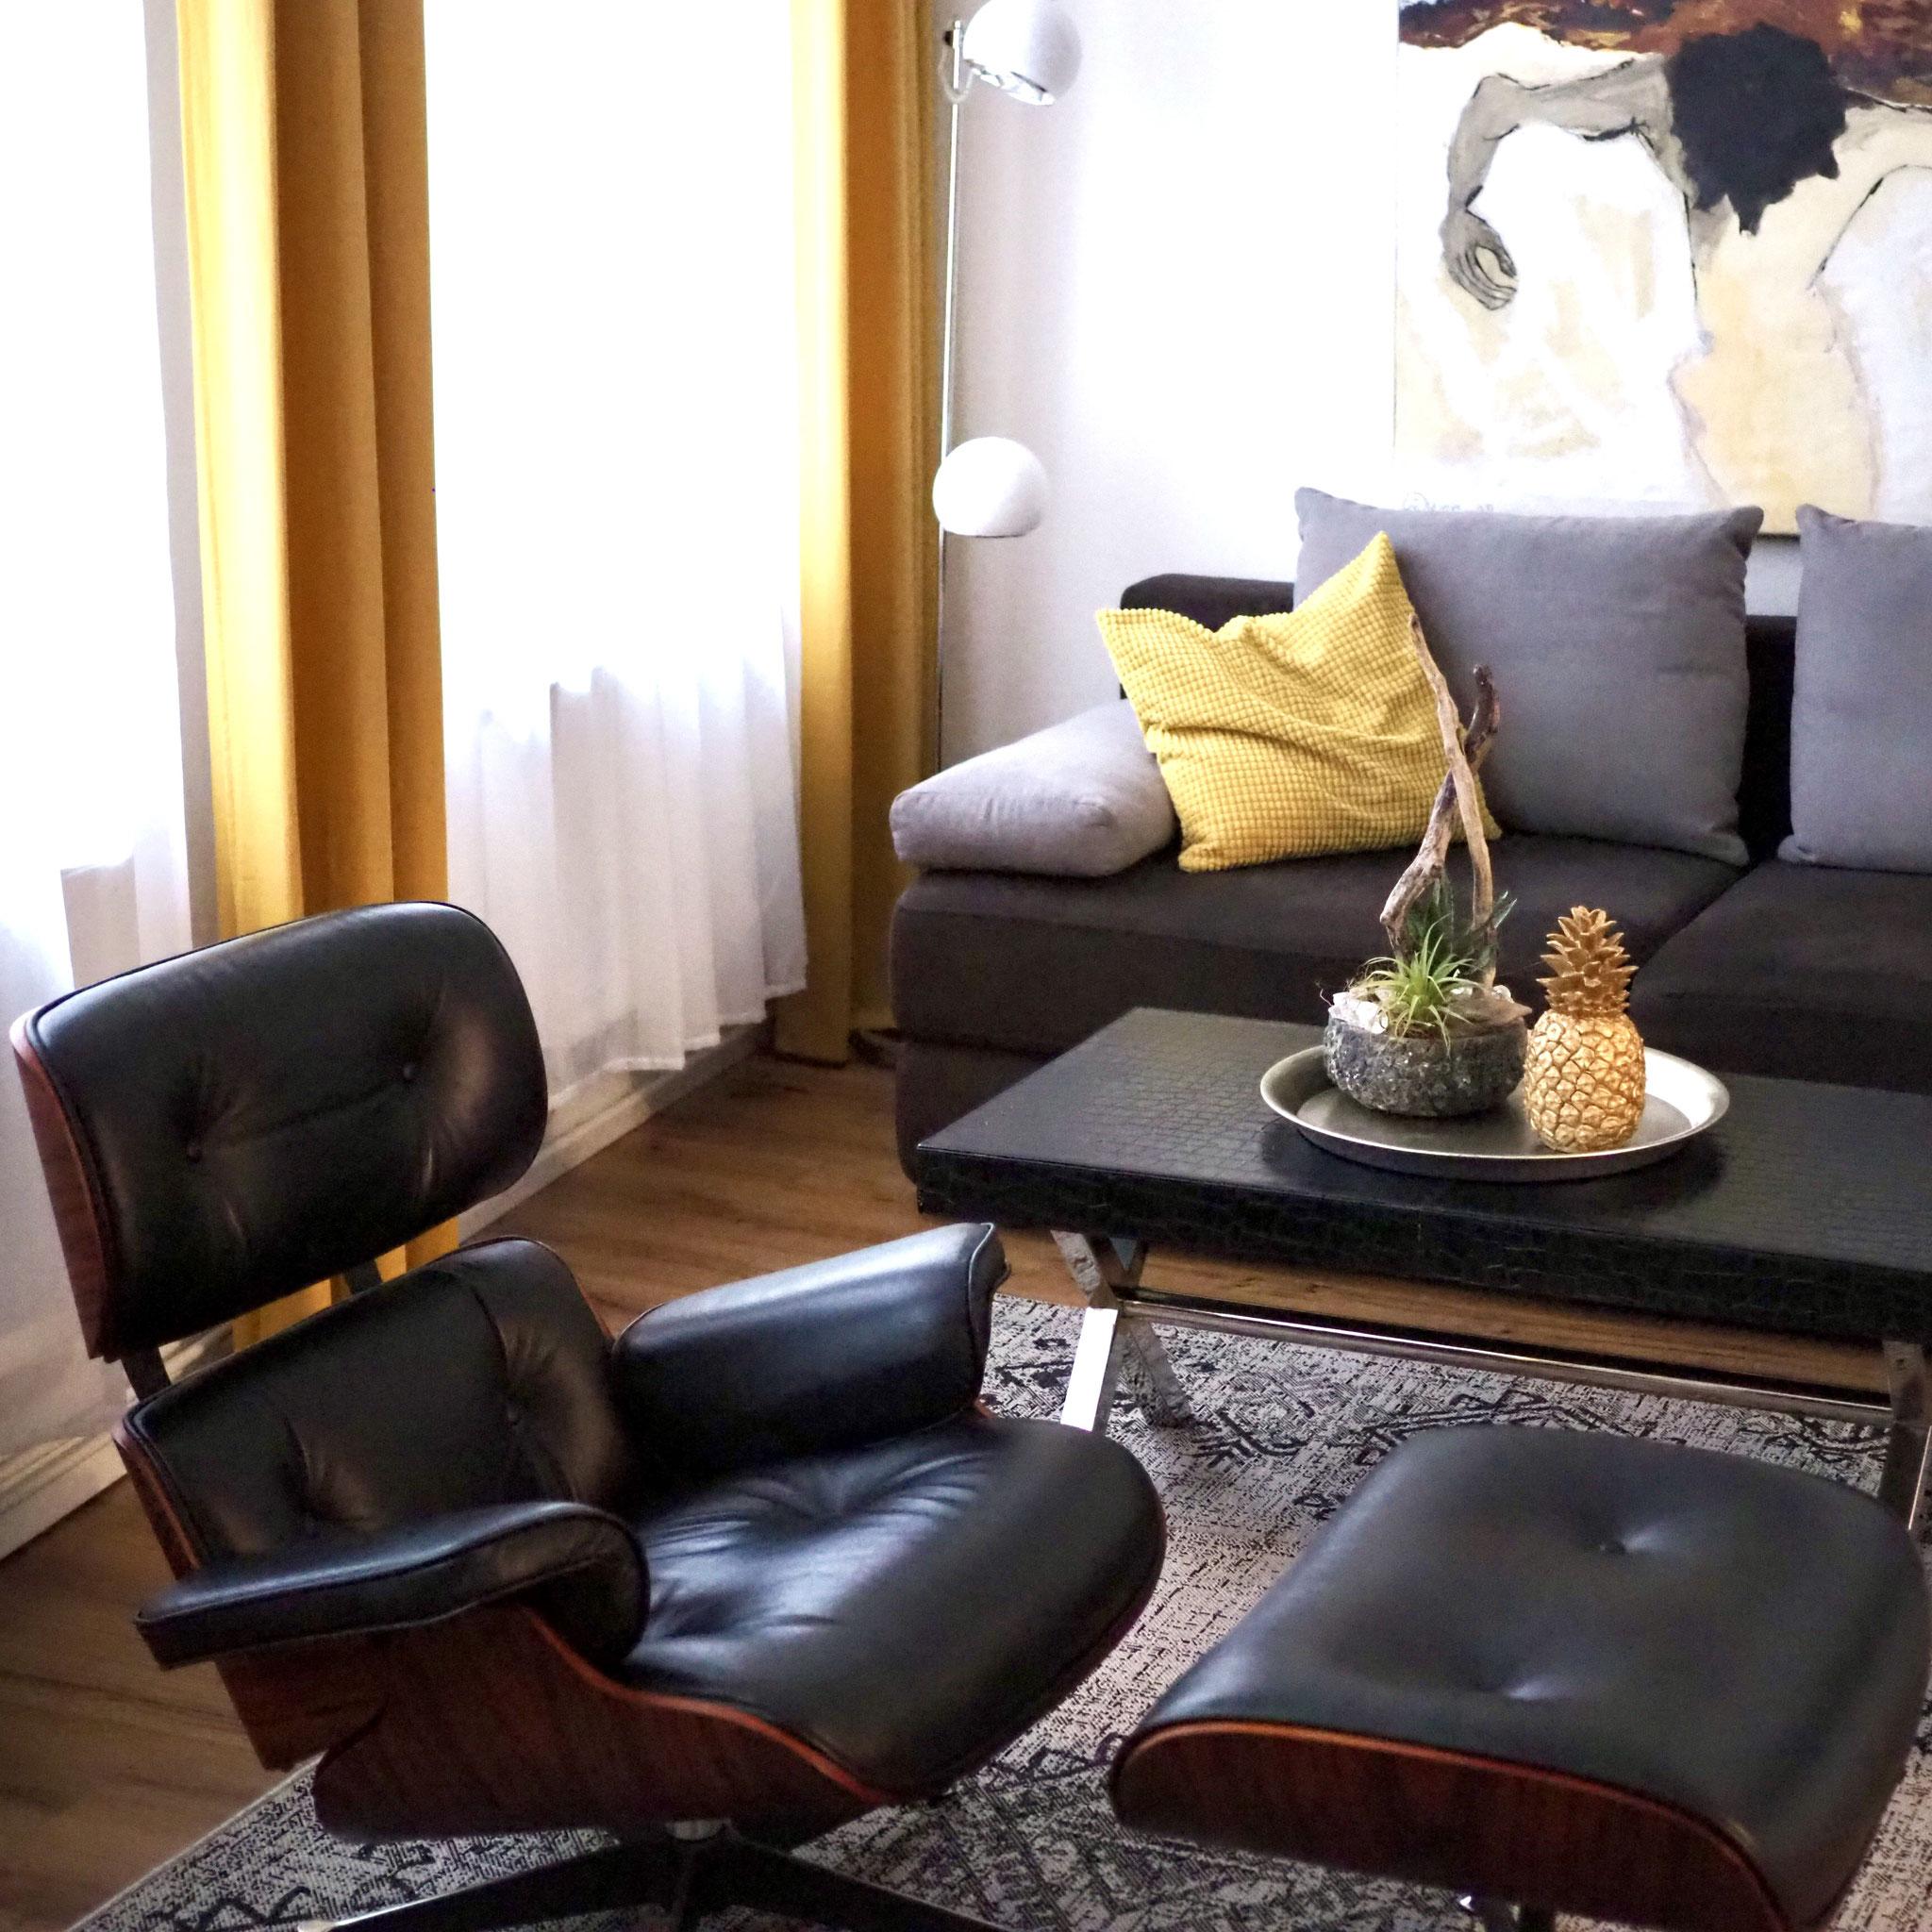 Ferienapartment Schwerin - Wohnzimmer mit großem Sessel